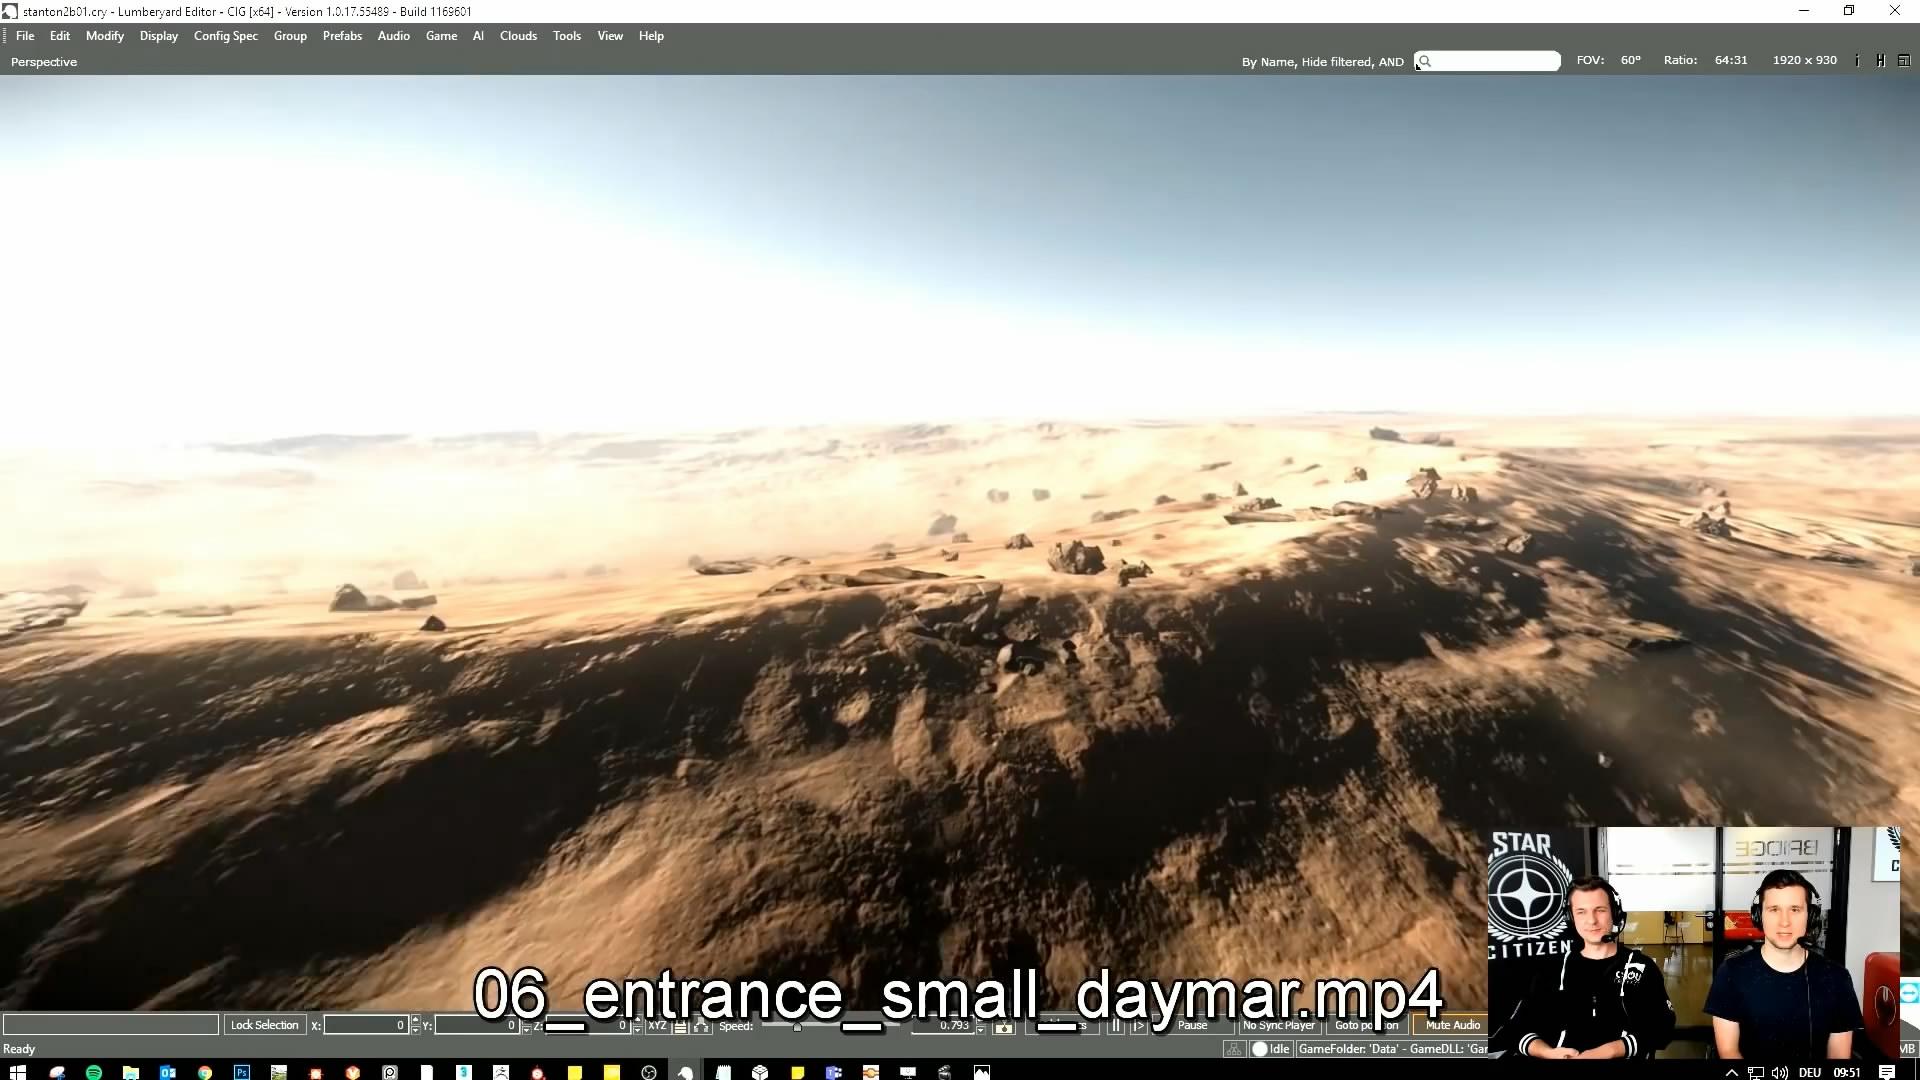 《星际公民》新视频公布 展示玩家定制和星球设计